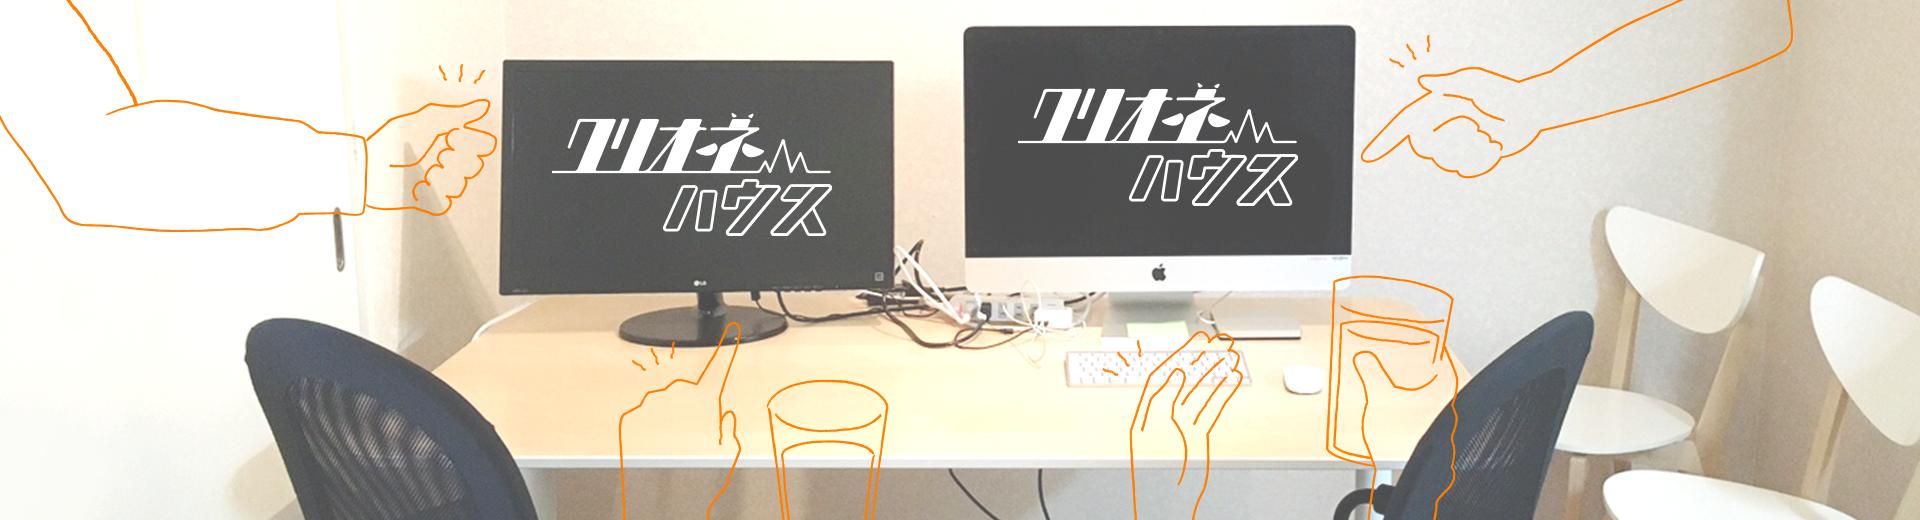 大阪の企業または個人、クリエイターのためのレンタルスペース